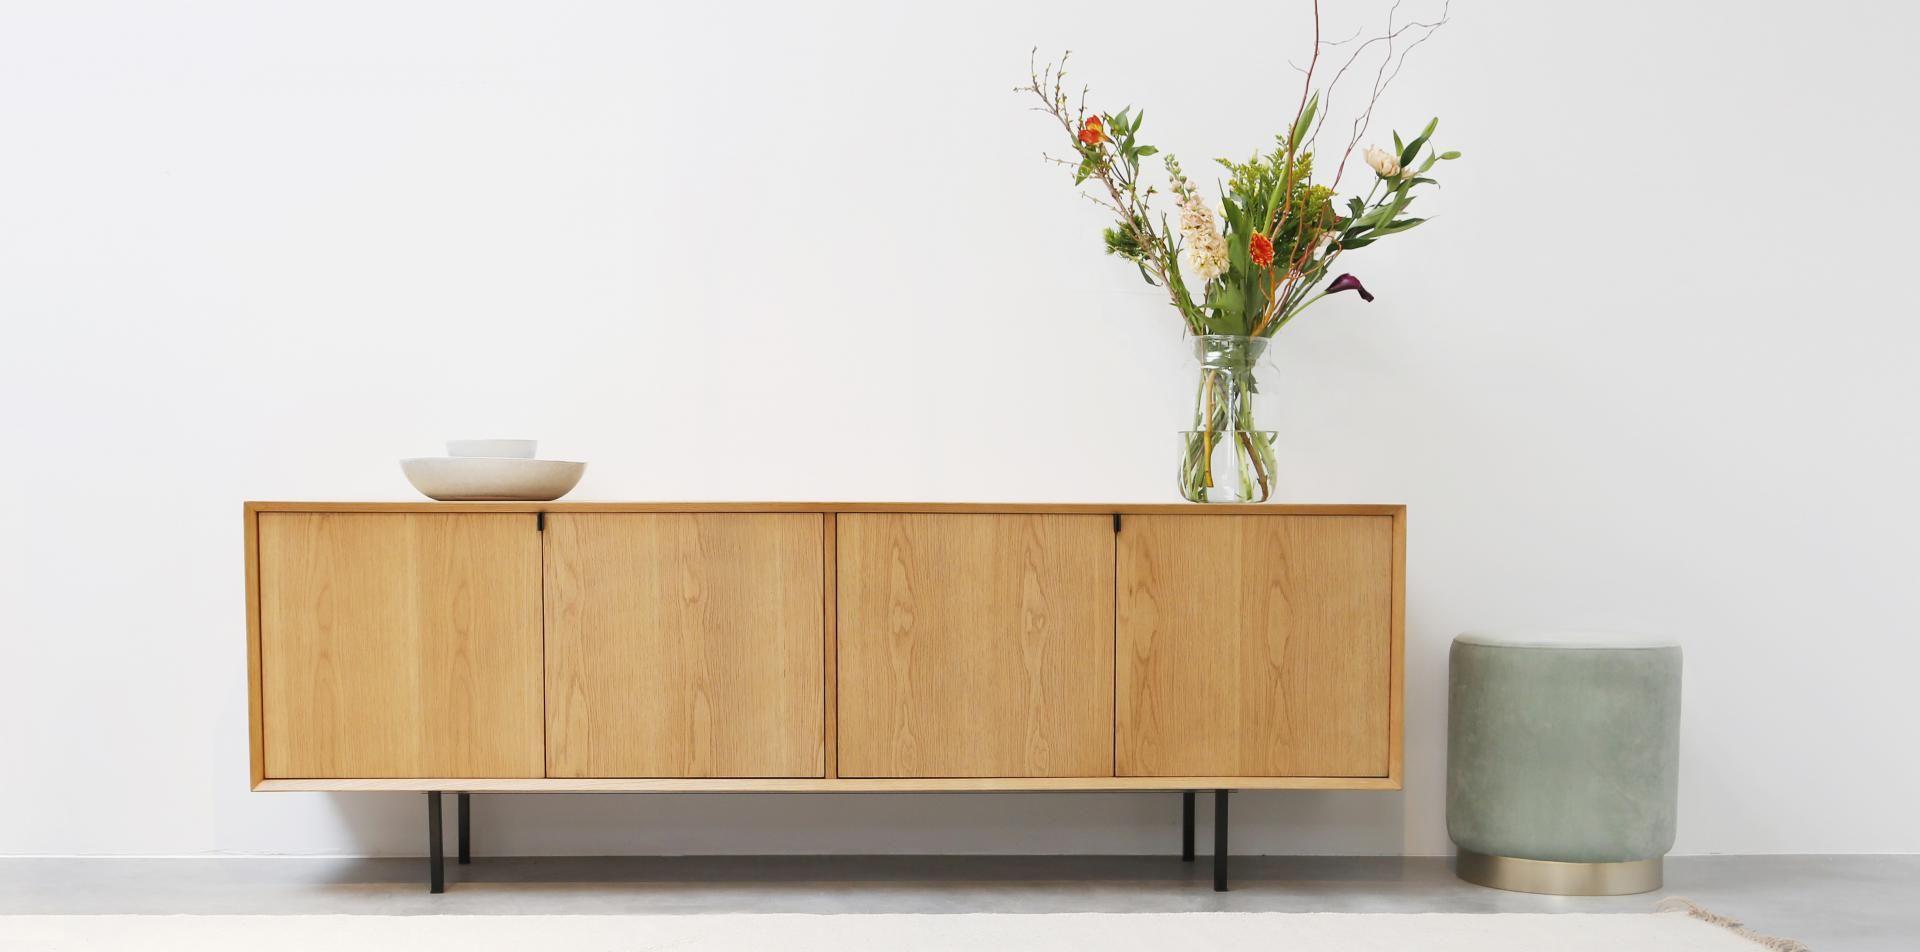 Pin von Ellen Krebs 🐚 auf Möbel | Pinterest | Möbel